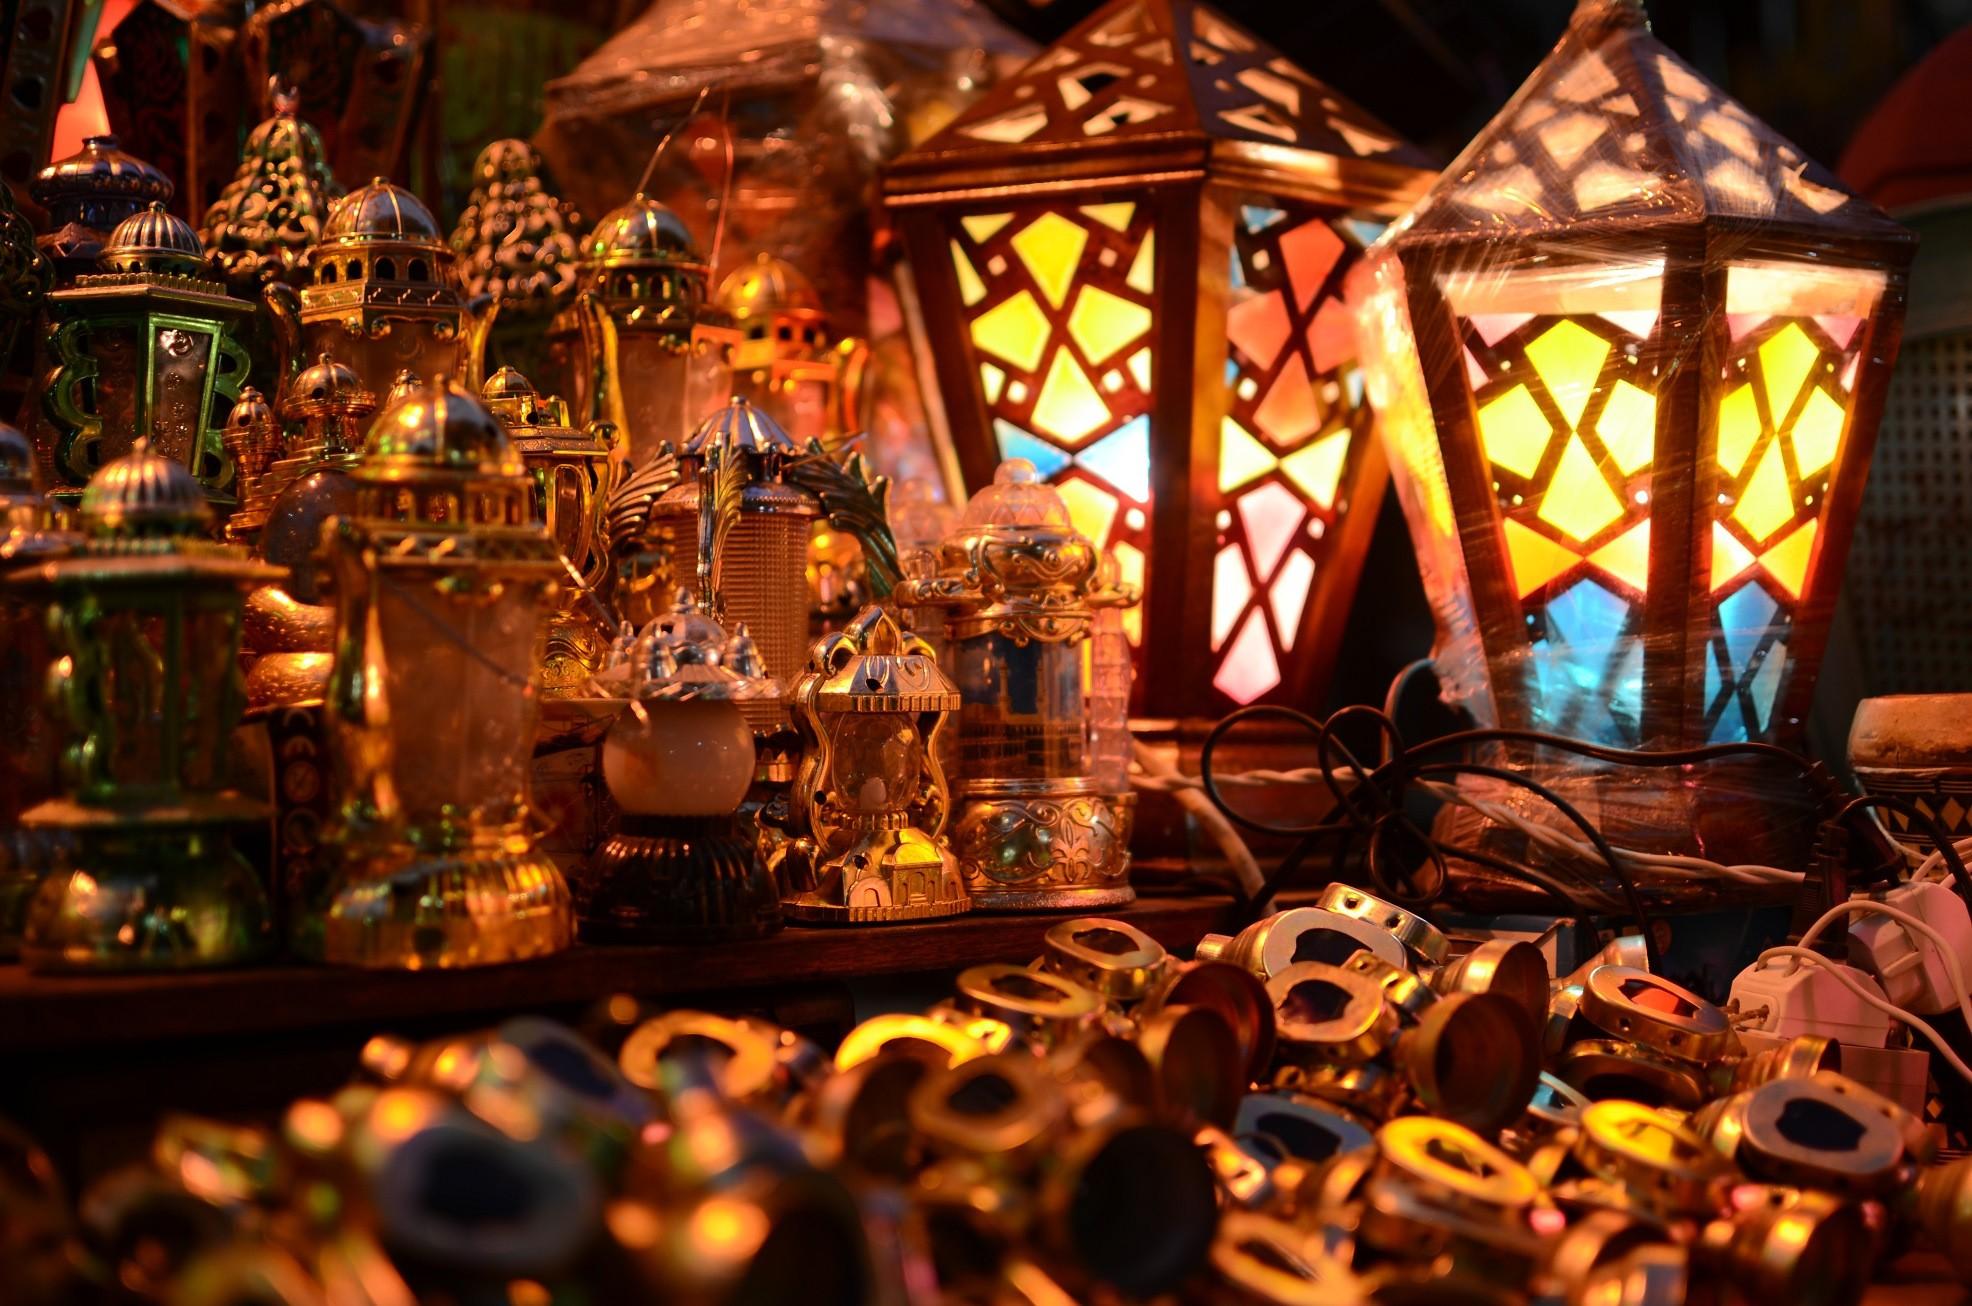 صور زينة رمضان 2017 اجمل اشكال زينة شهر رمضان (5)